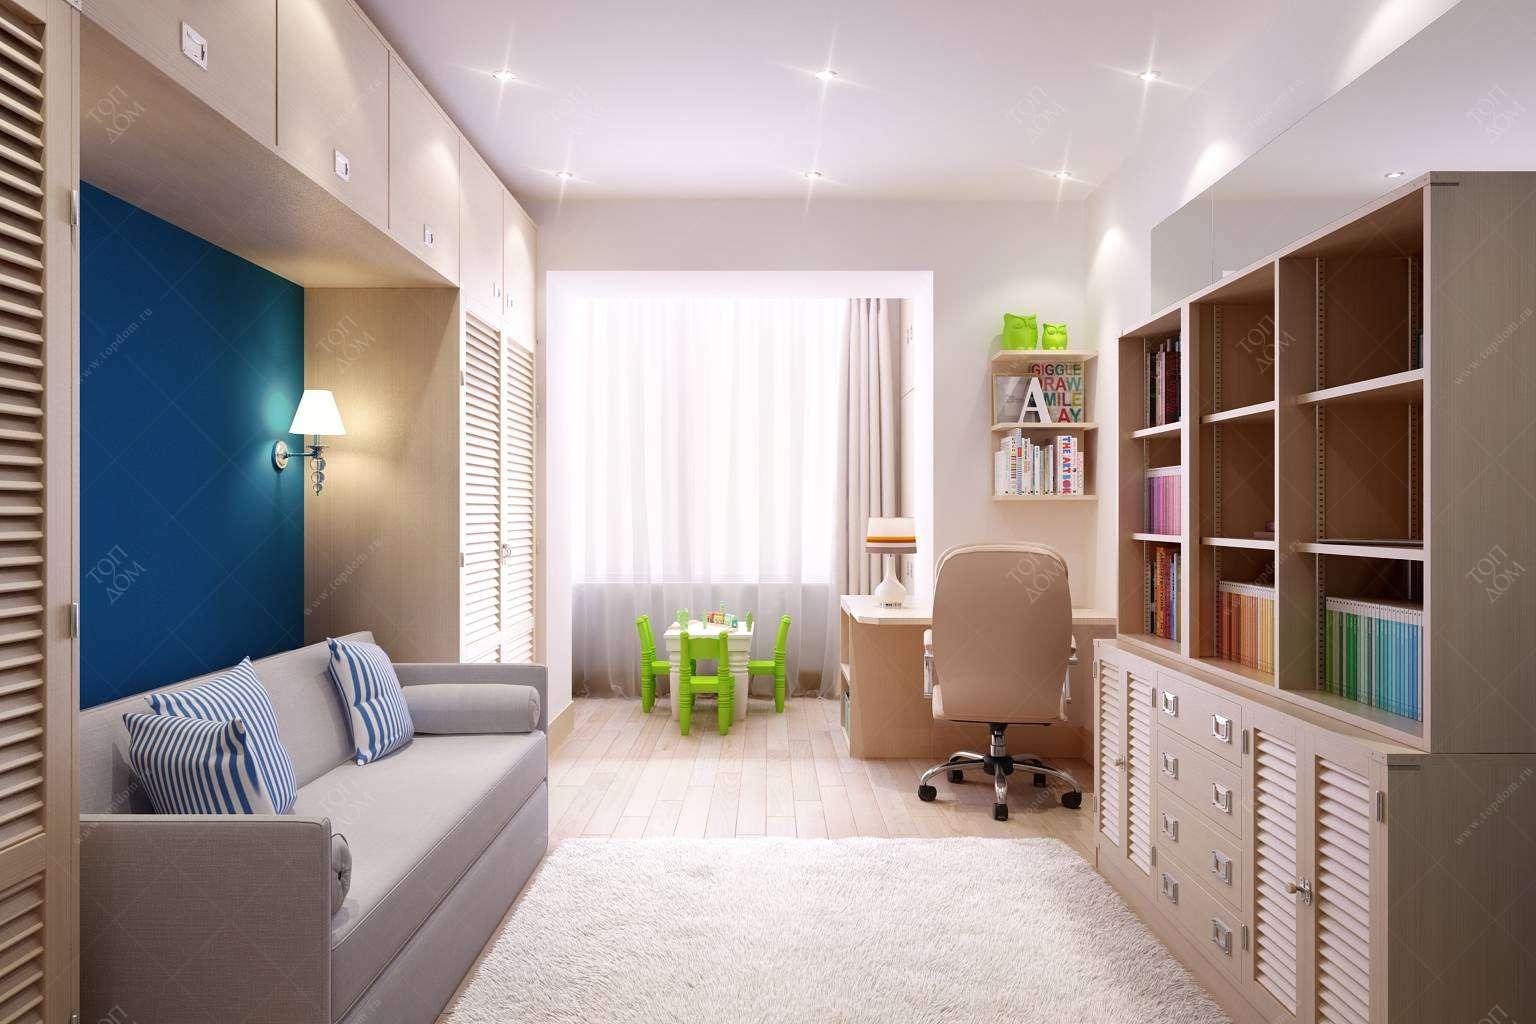 Детские интерьер детской комнаты фото